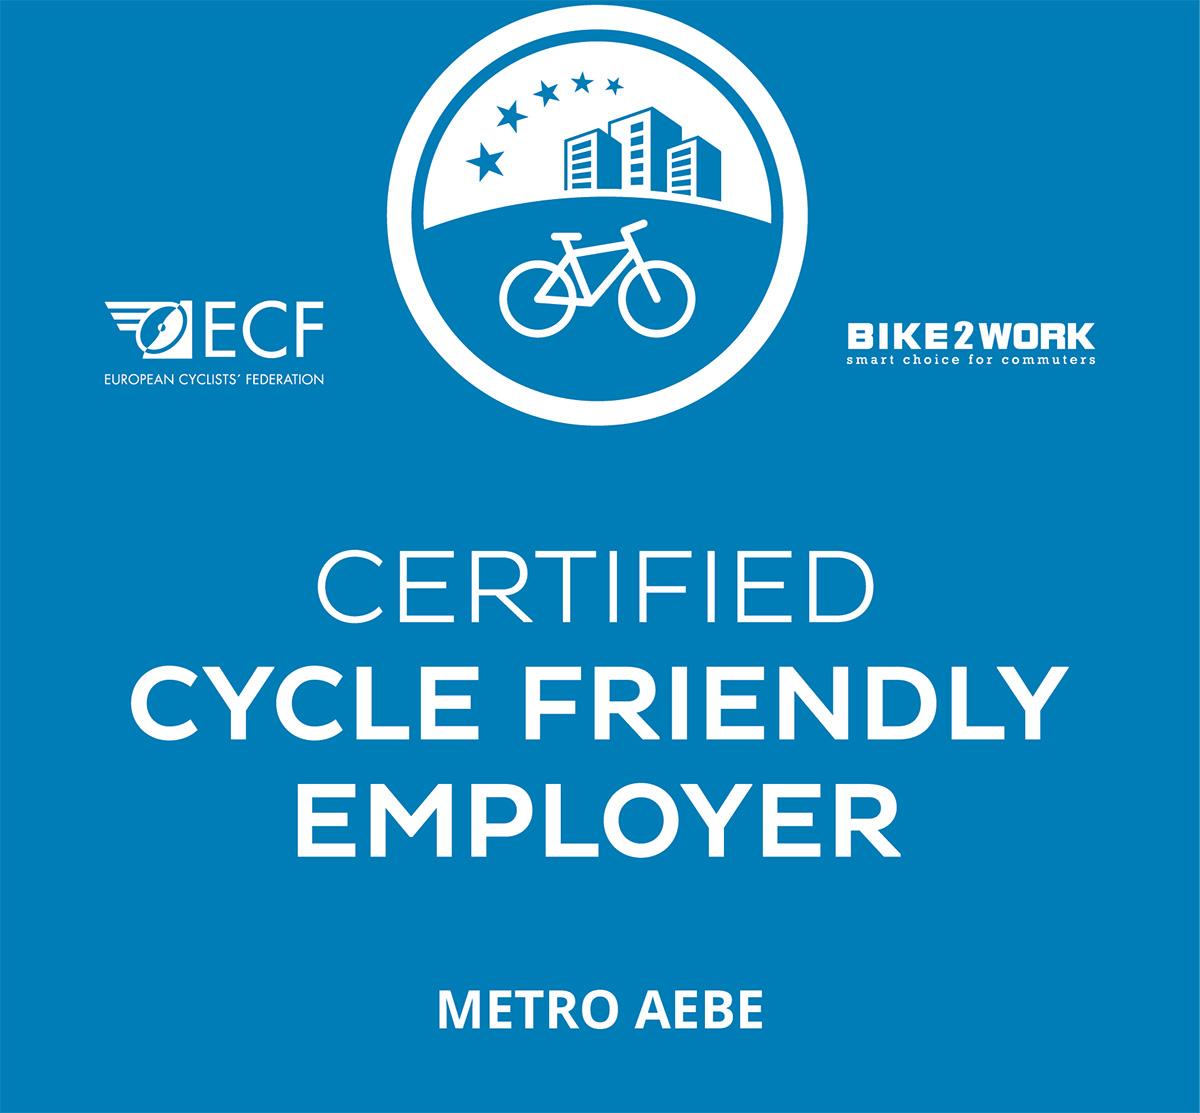 Το πρώτο «Φιλικό προς το ποδήλατο» δίκτυο στην Ελλάδα,δημιουργείται από τα My market!